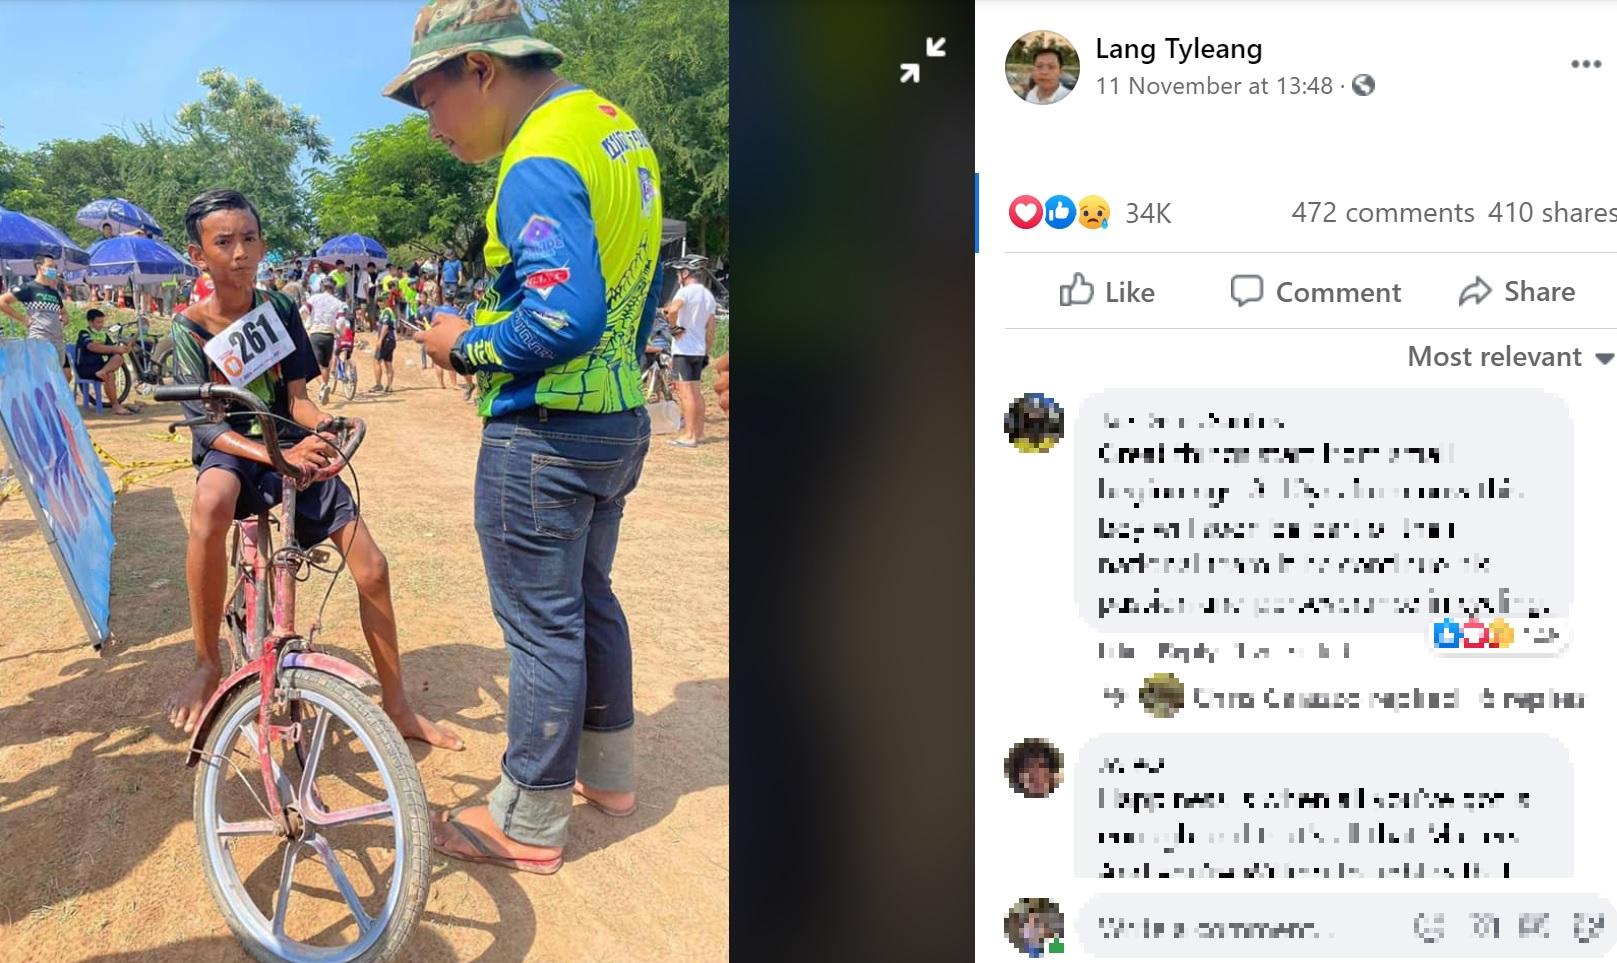 レース後にインタビューを受けるテアラ君(画像は『Lang Tyleang 2020年11月11日付Facebook「Now I find that boy and give him a bike for his hard work and good attitude.」』のスクリーンショット)